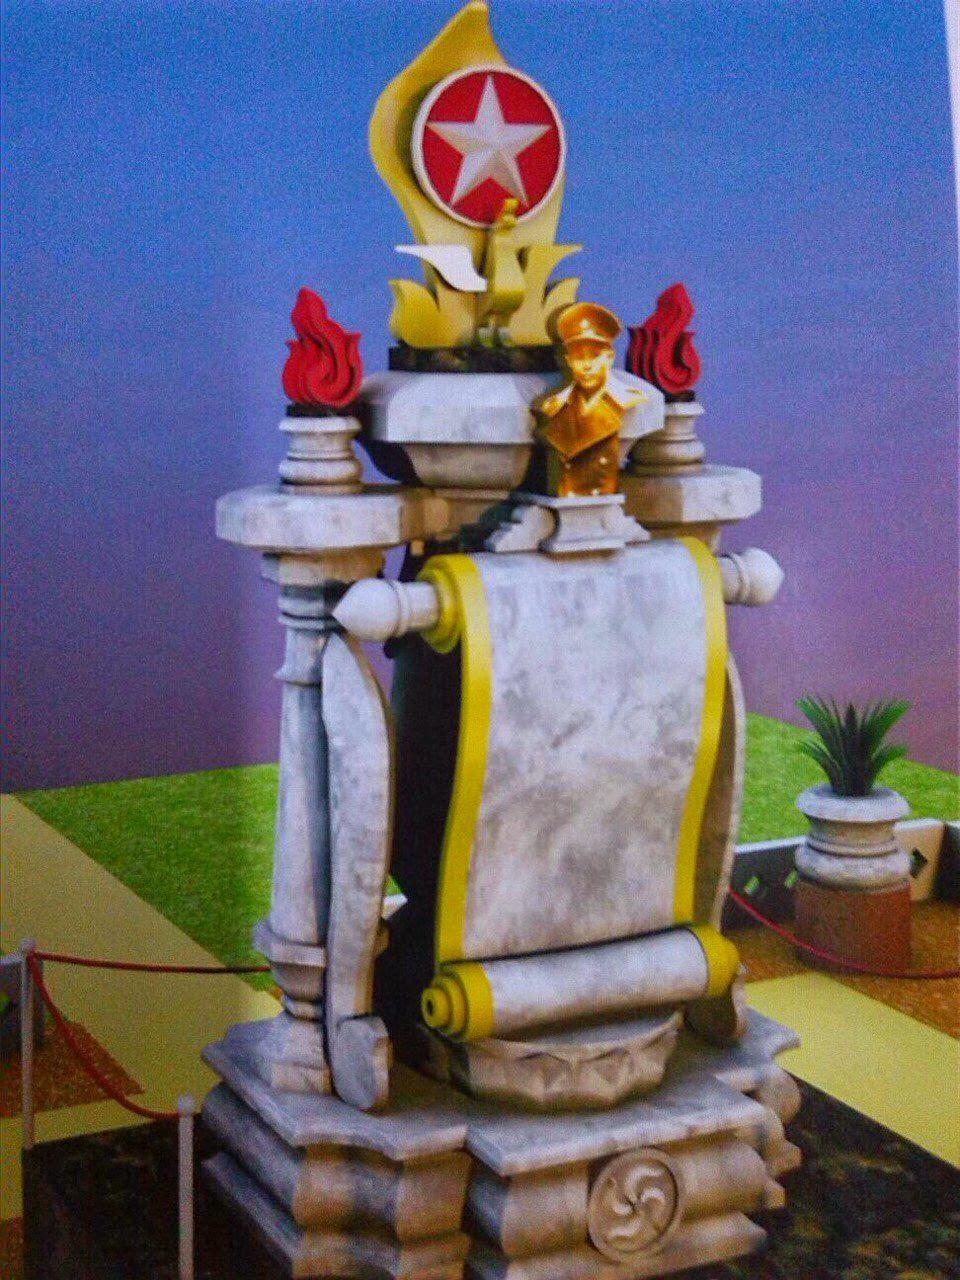 (မိုုးမခ) – နတ္ေမာက္က ဗိုုလ္ခ်ဳပ္ေအာင္ဆန္း ႏွစ္ ၁၀၀ ျပည့္ မဂၢဇင္း ထုုတ္ေ၀ေရး စာအုုပ္အလွဴ ထည့္၀င္ႏိုုင္